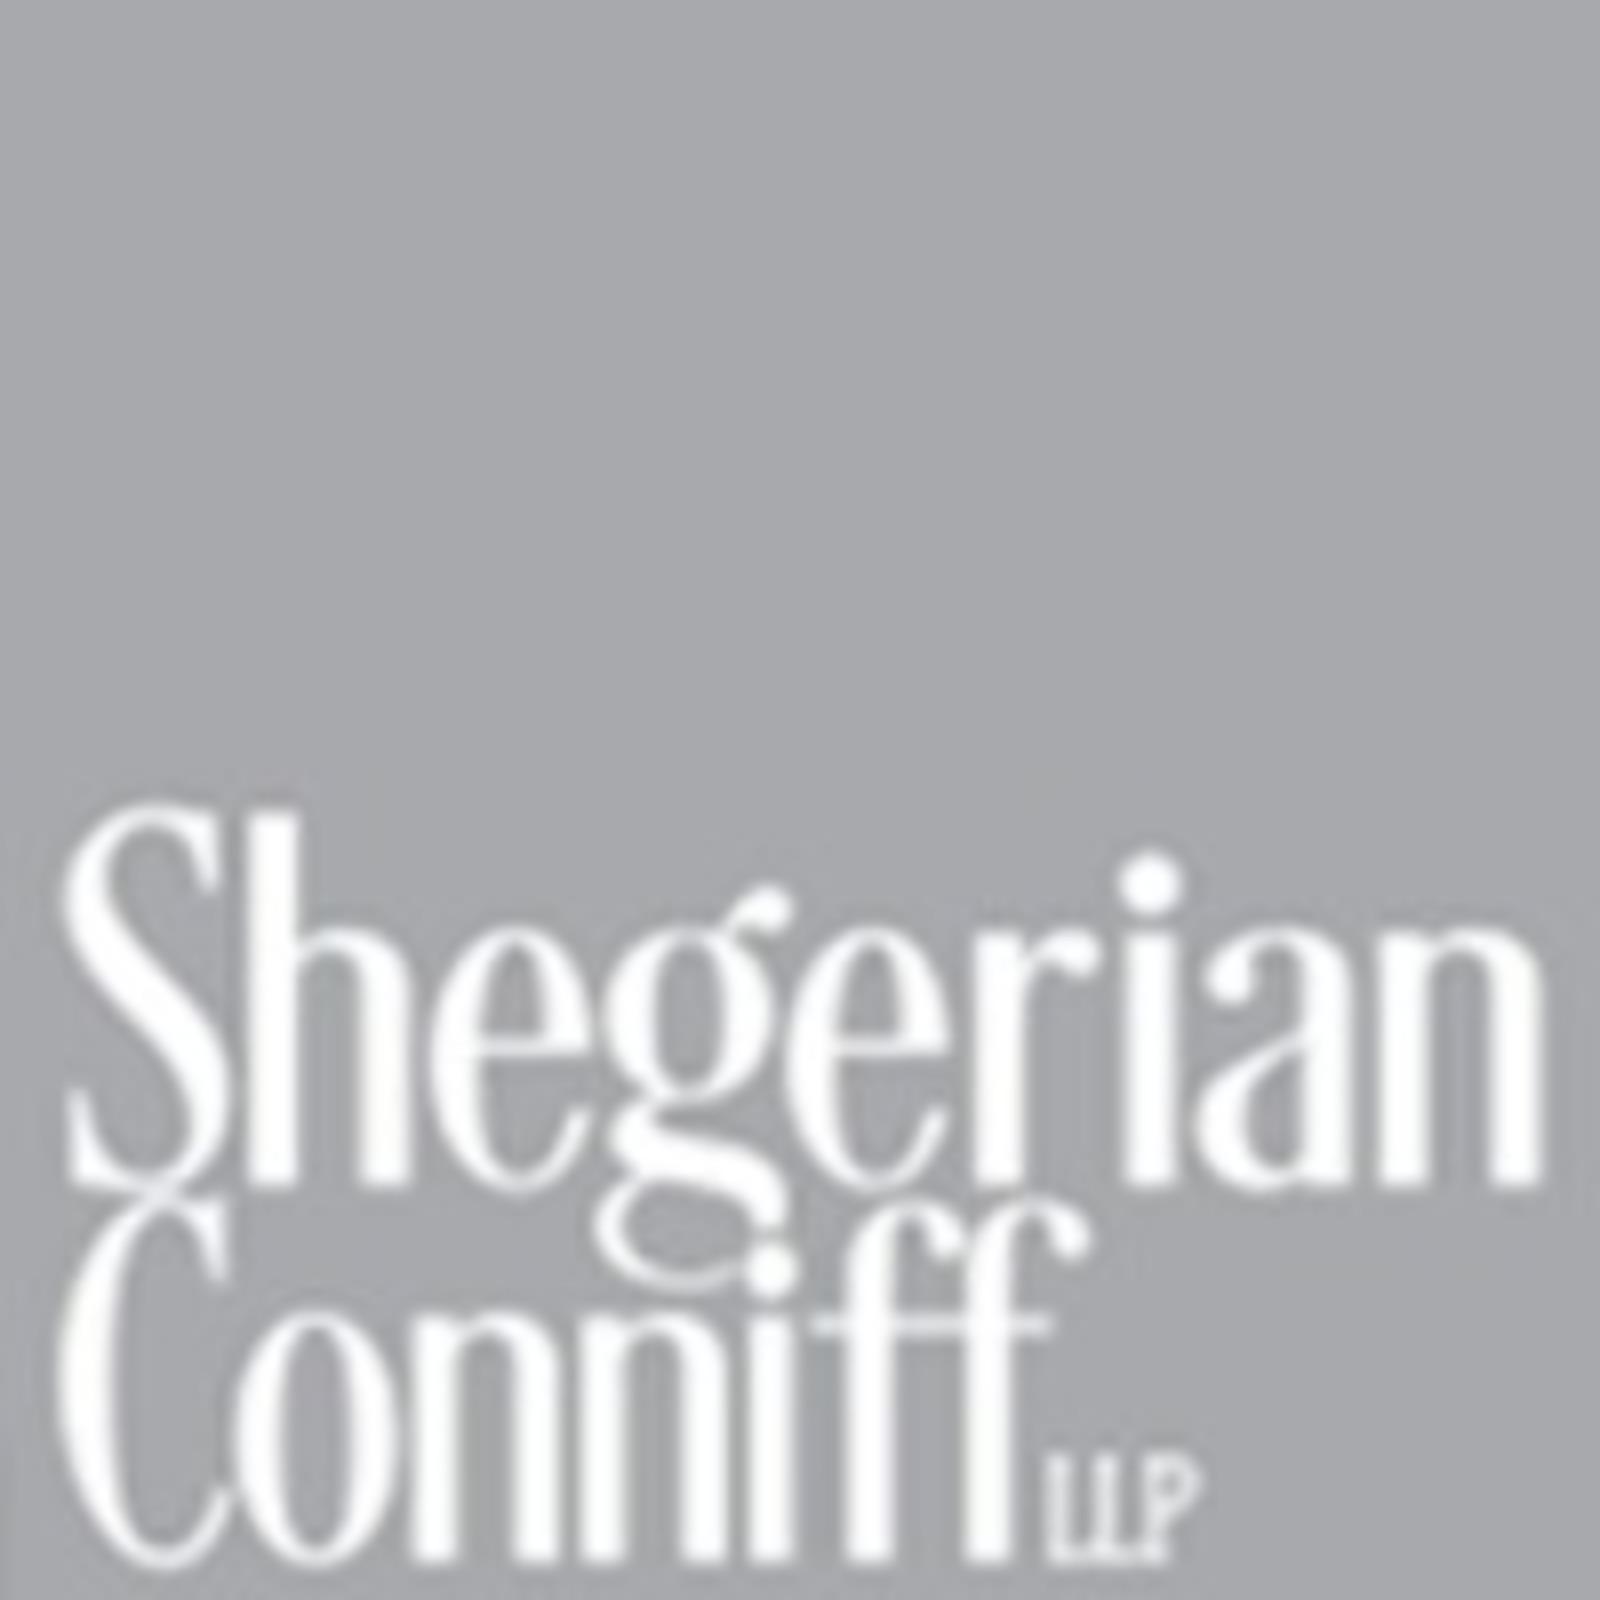 Shegerian Conniff Profile Picture